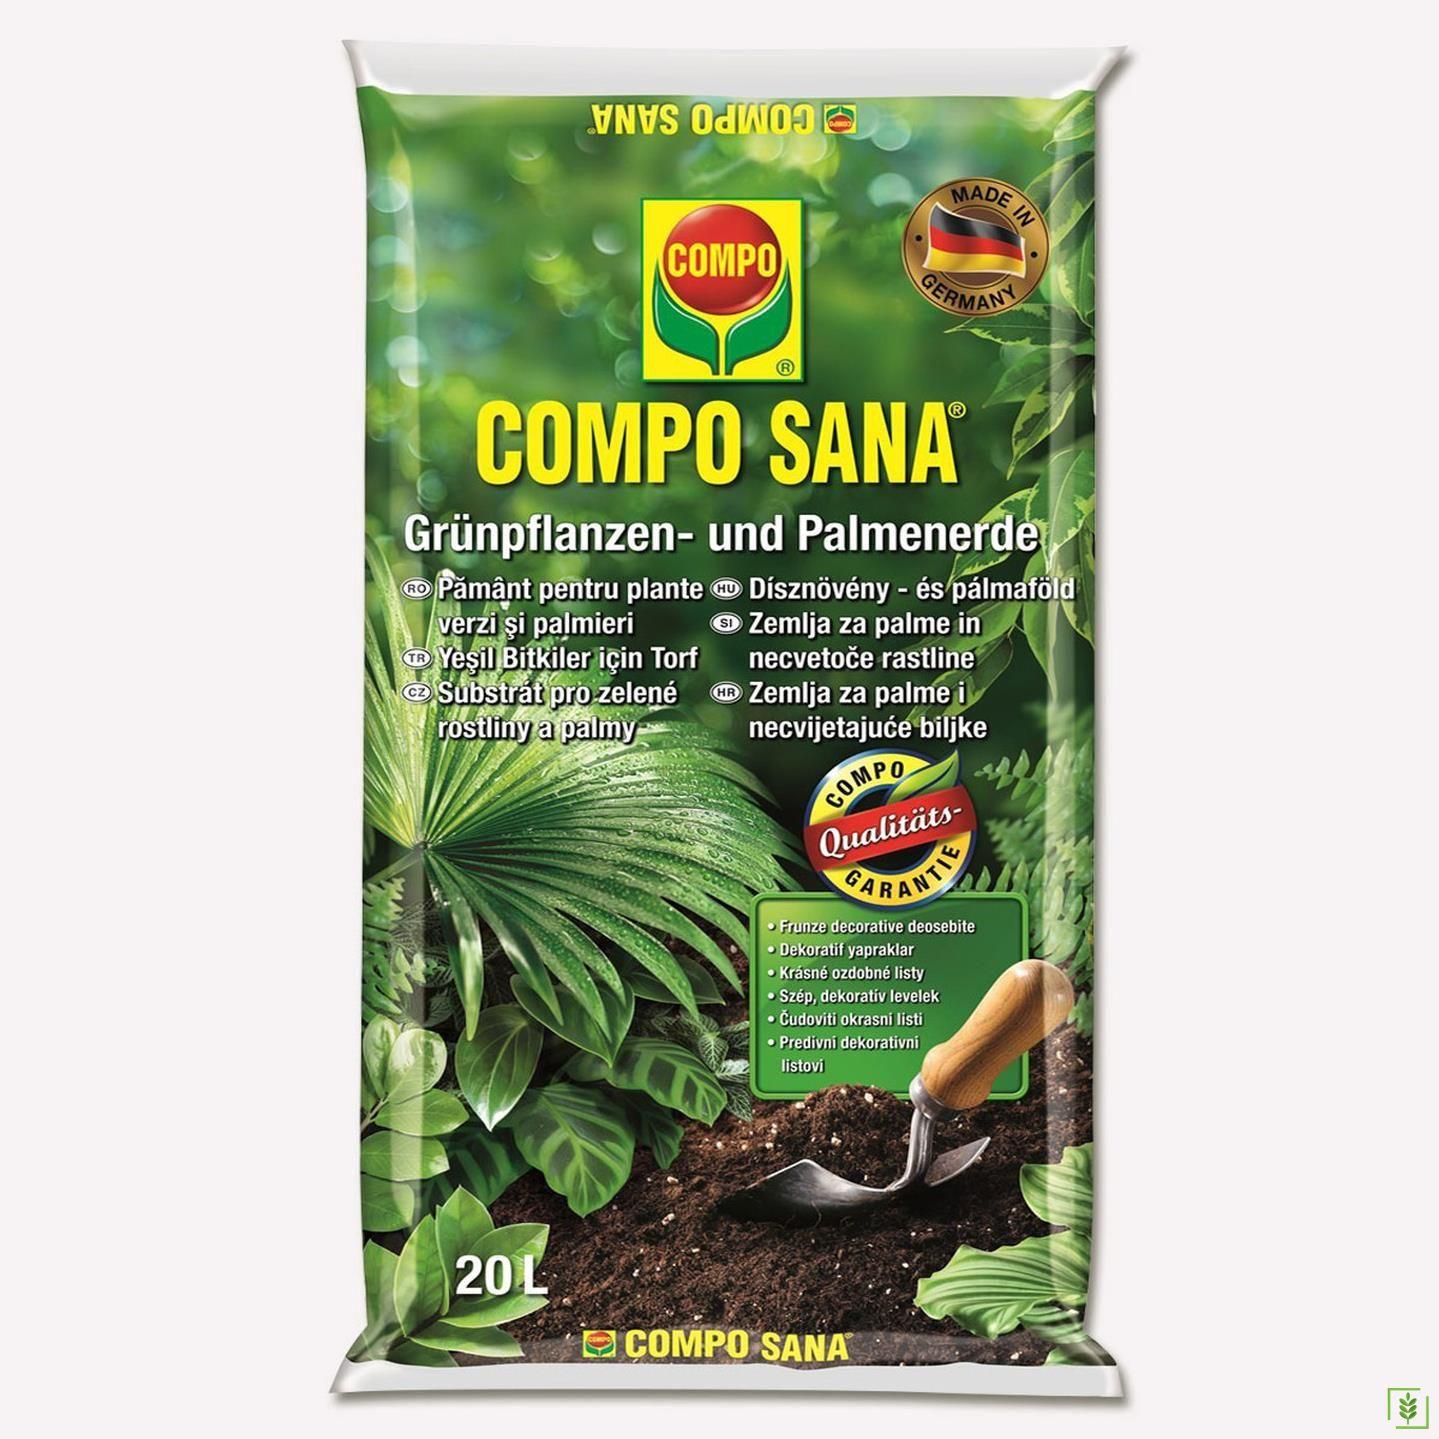 Compo 1451 Yeşil Bitkiler Ve Palmiyeler İçin Toprak 20 Lt